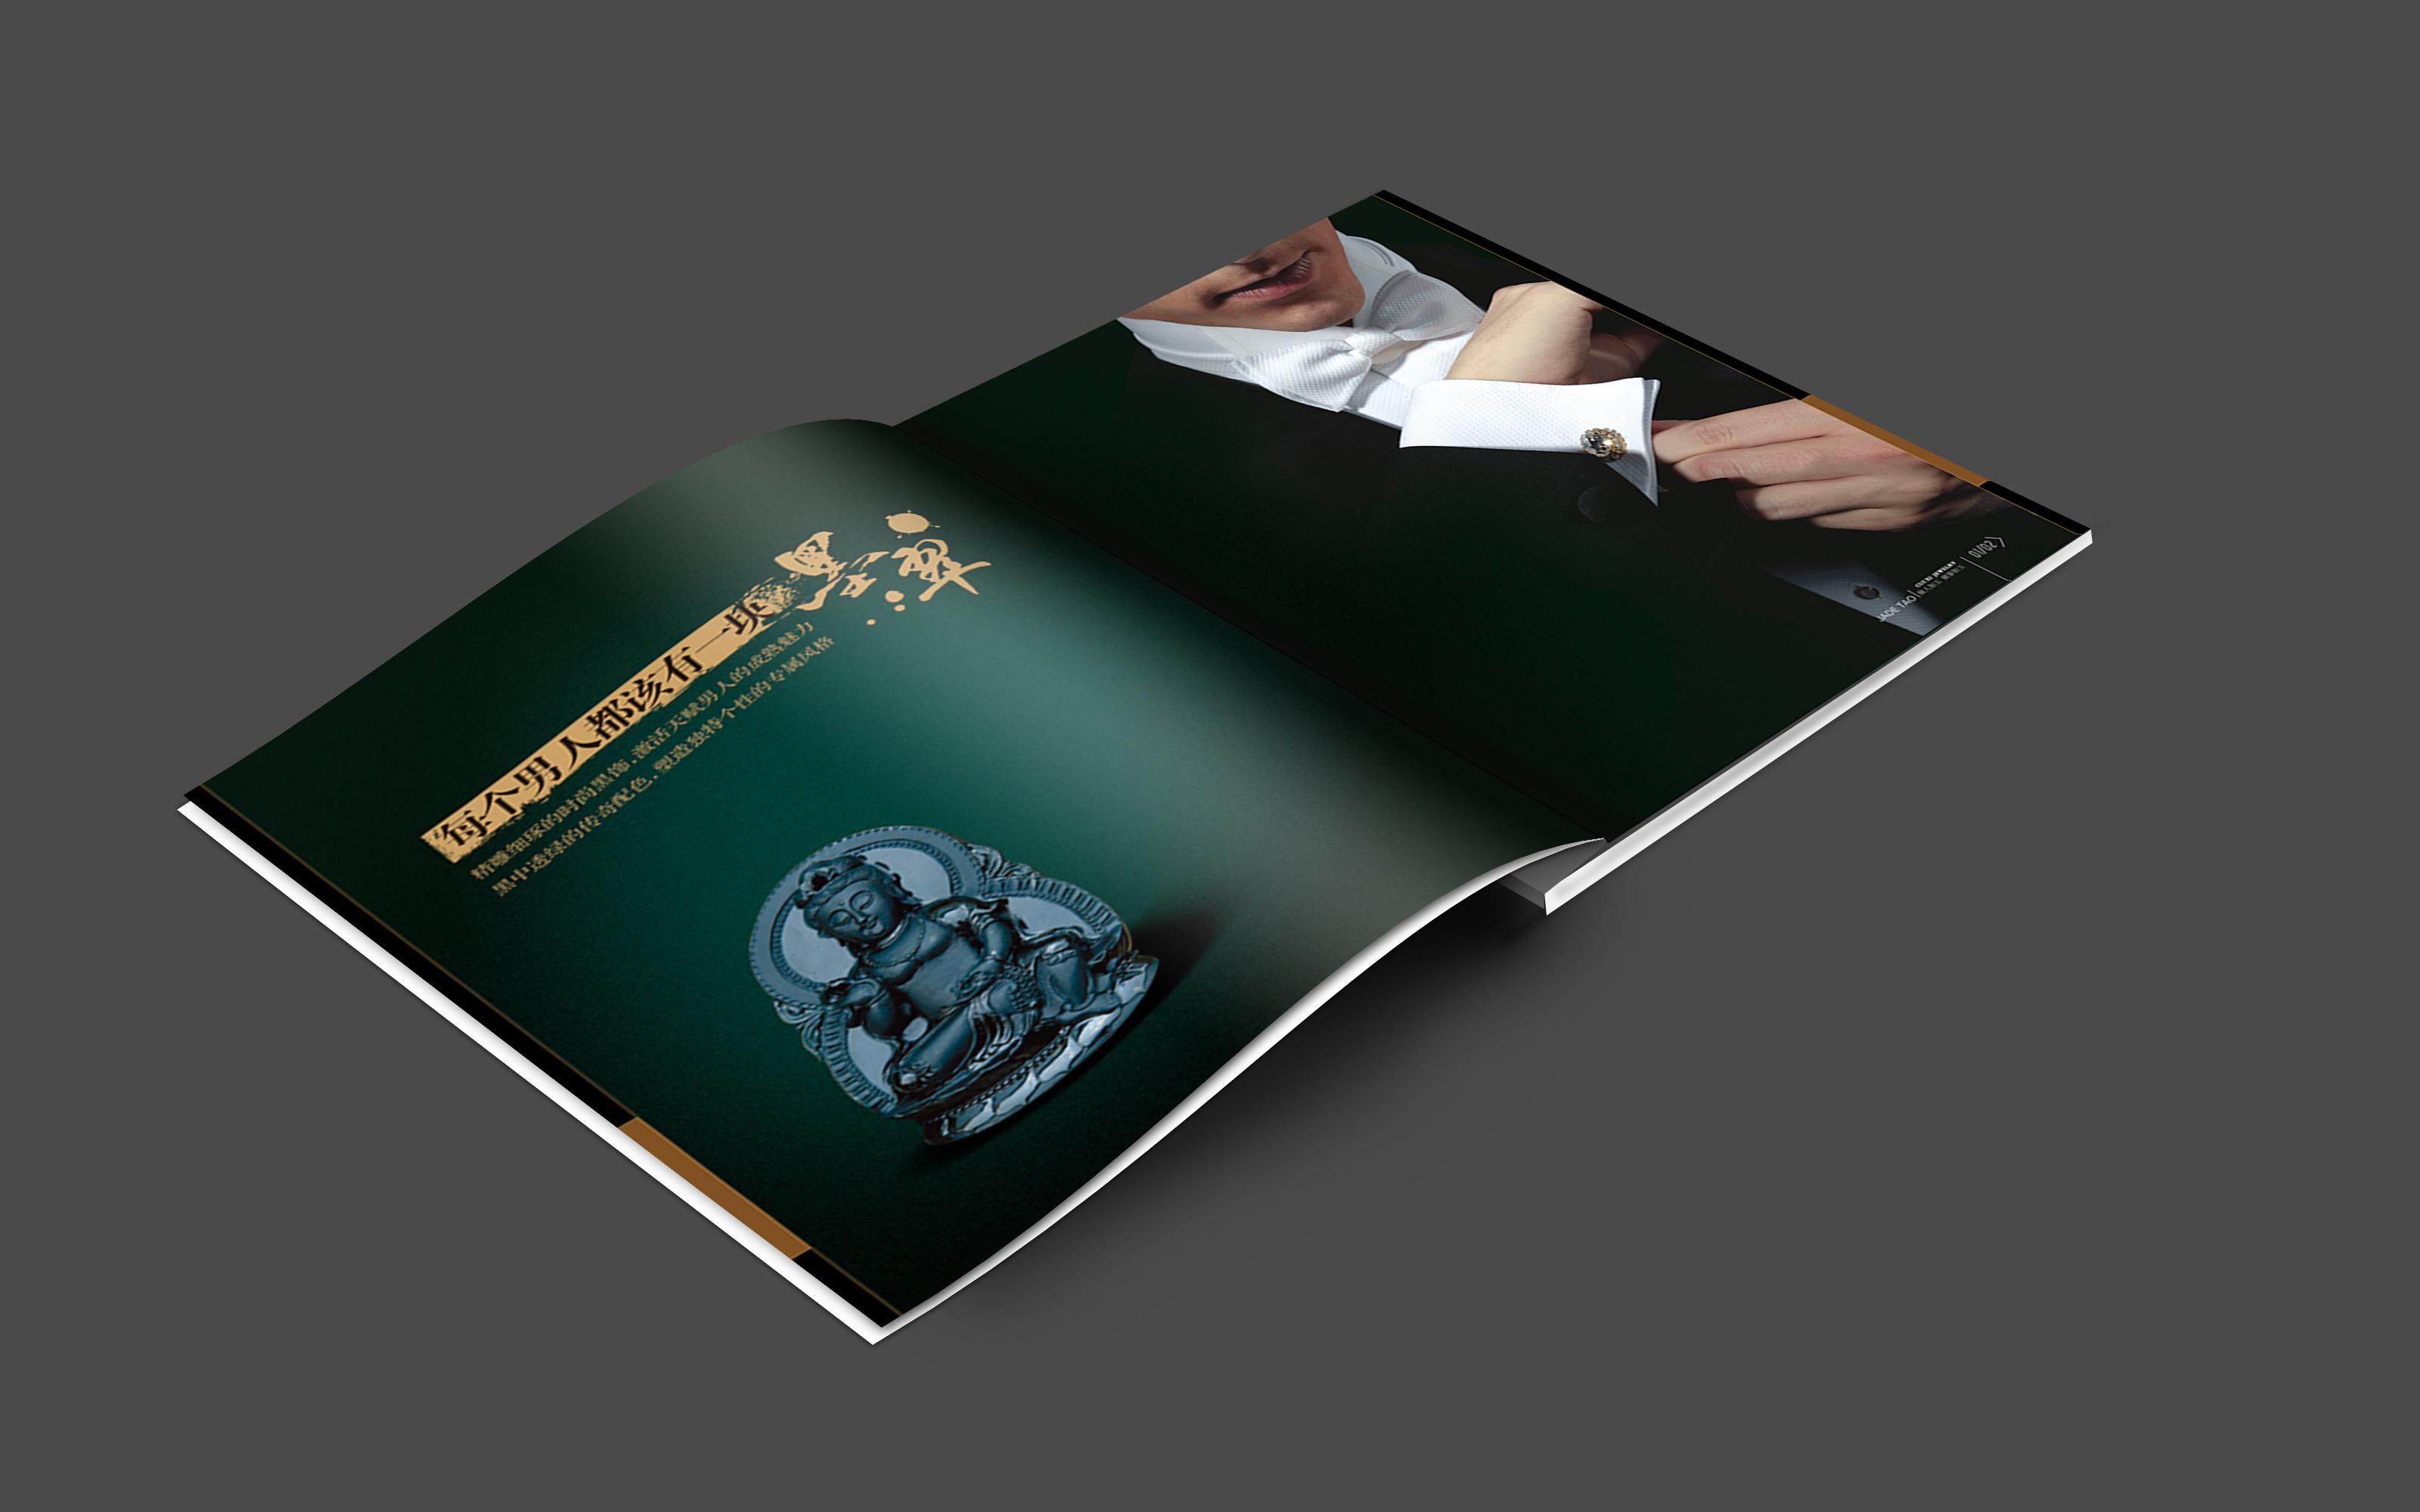 宣传册广告设计宣传单设计卡片书籍灯箱菜谱台历折页展架画册设计